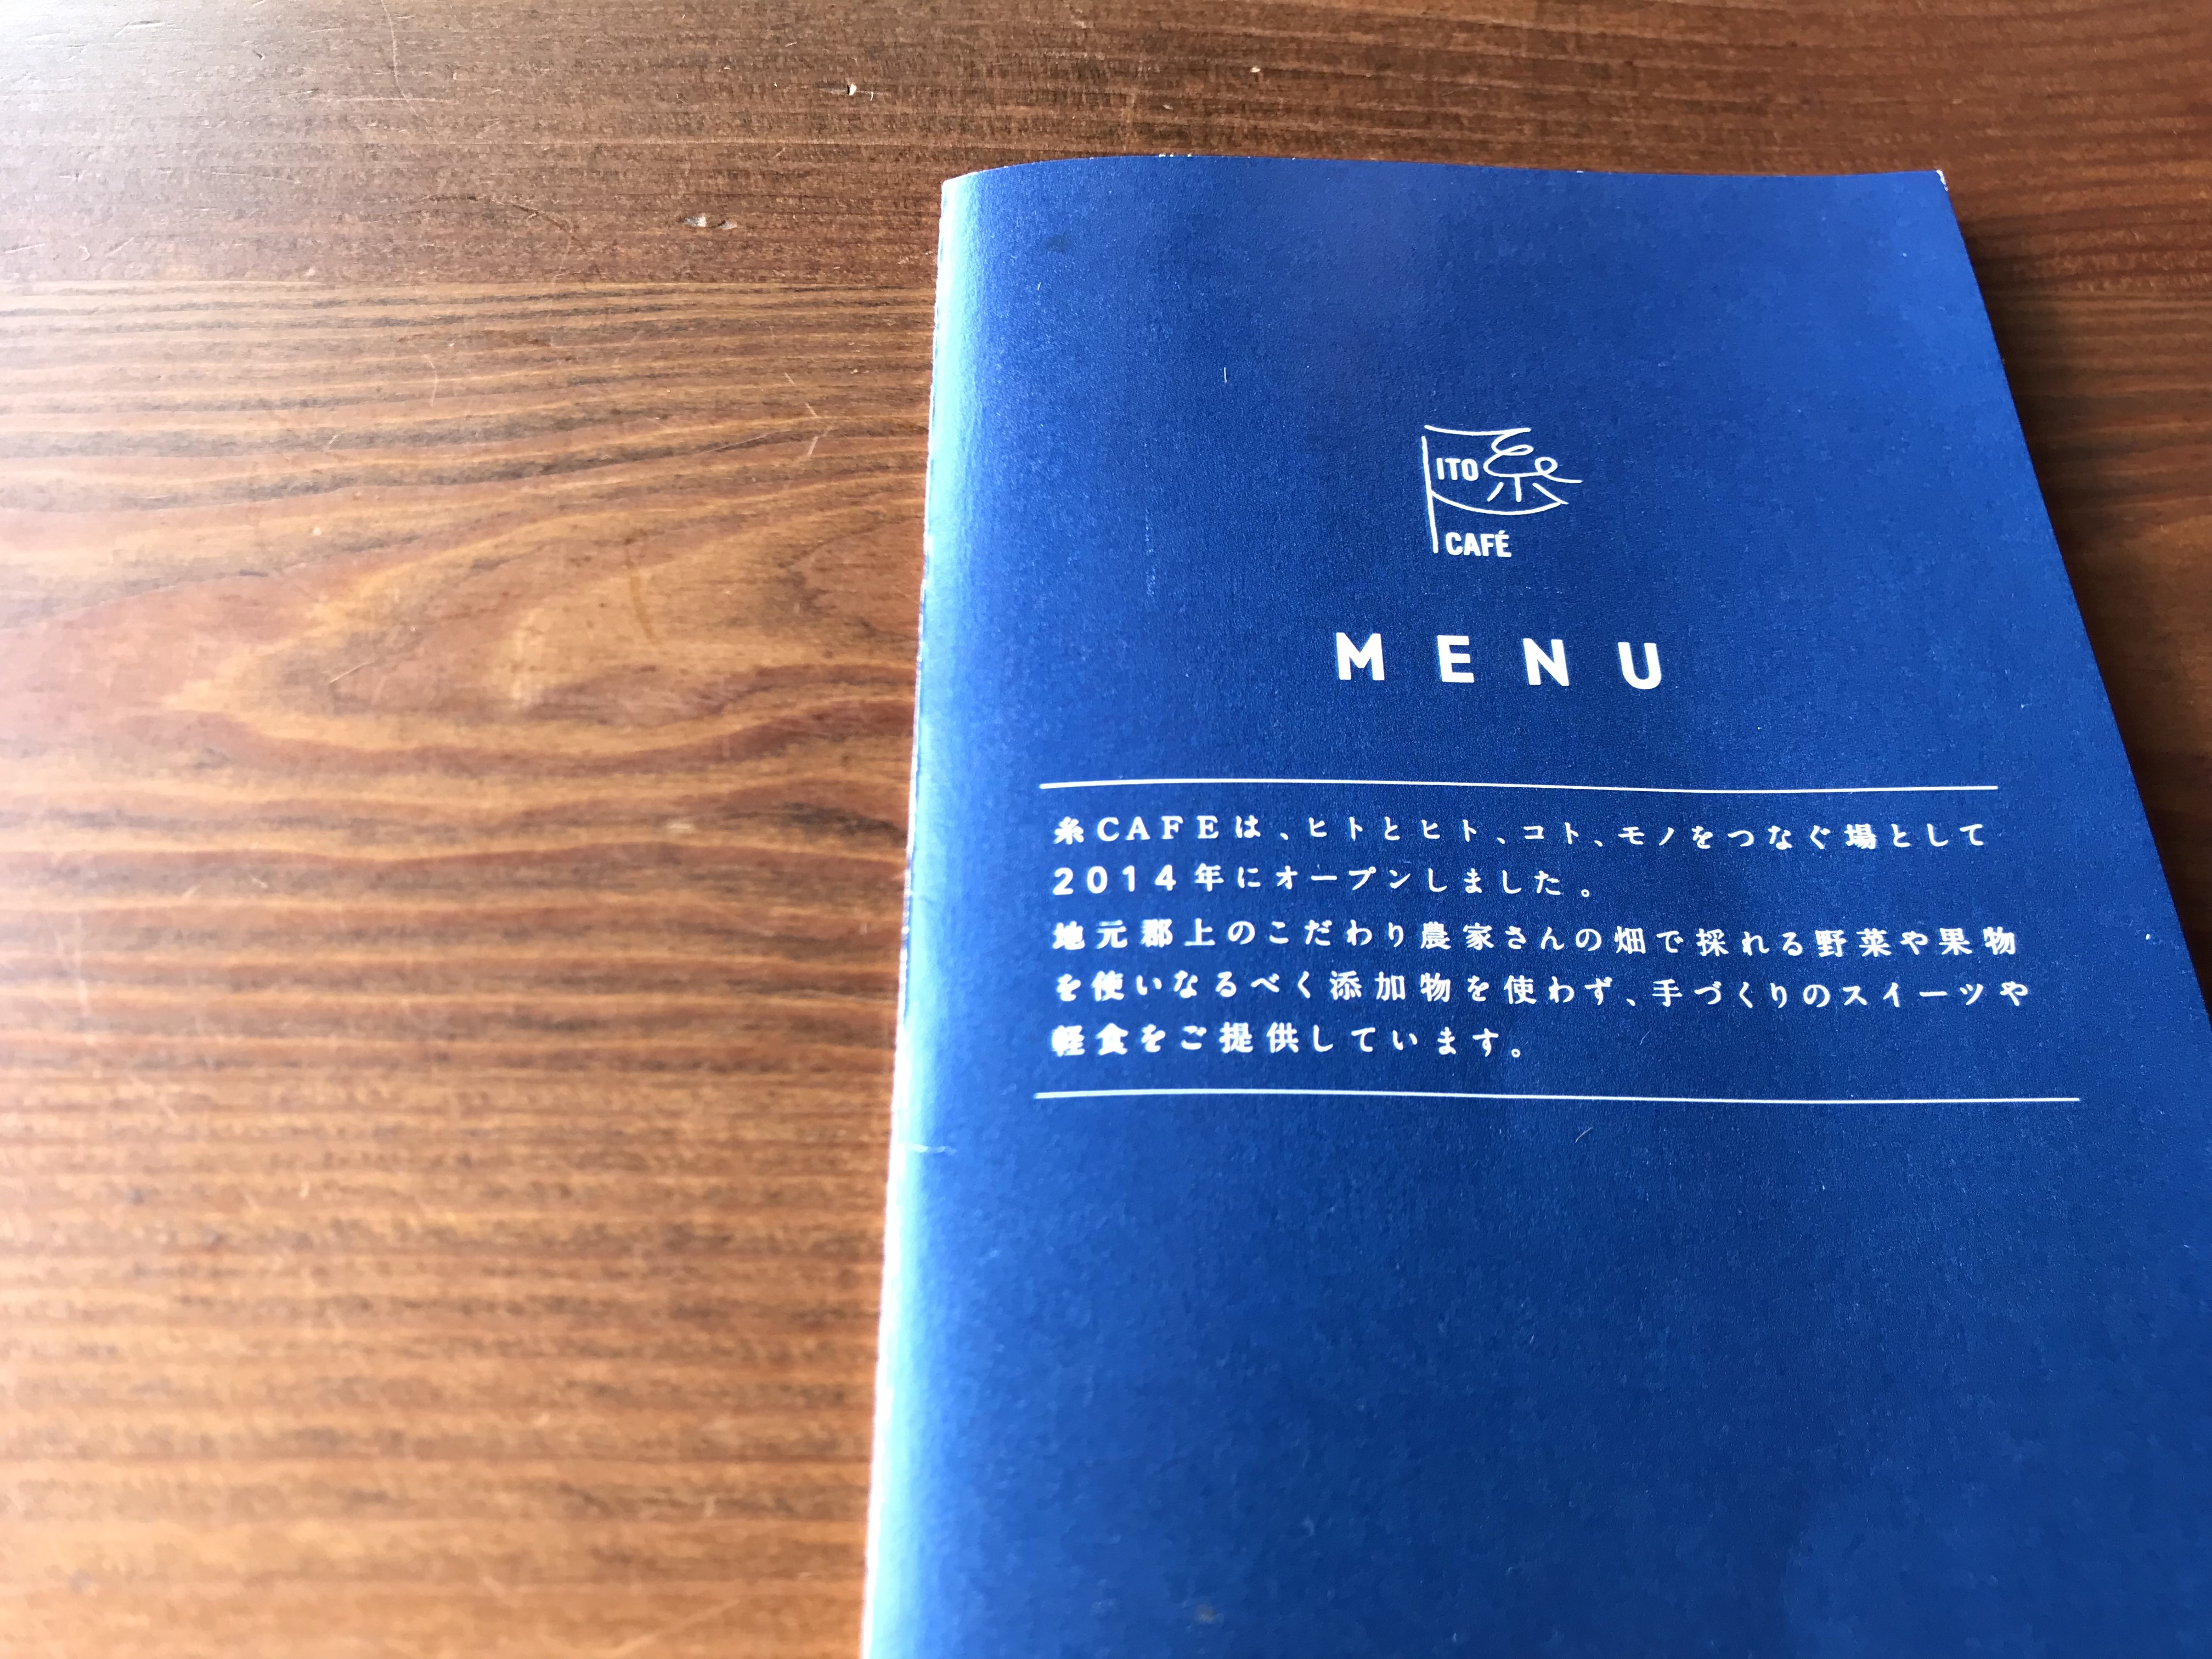 地元の美味しいがたくさん!郡上八幡のおしゃれカフェ『糸CAFE(イトカフェ)』 - IMG 4411